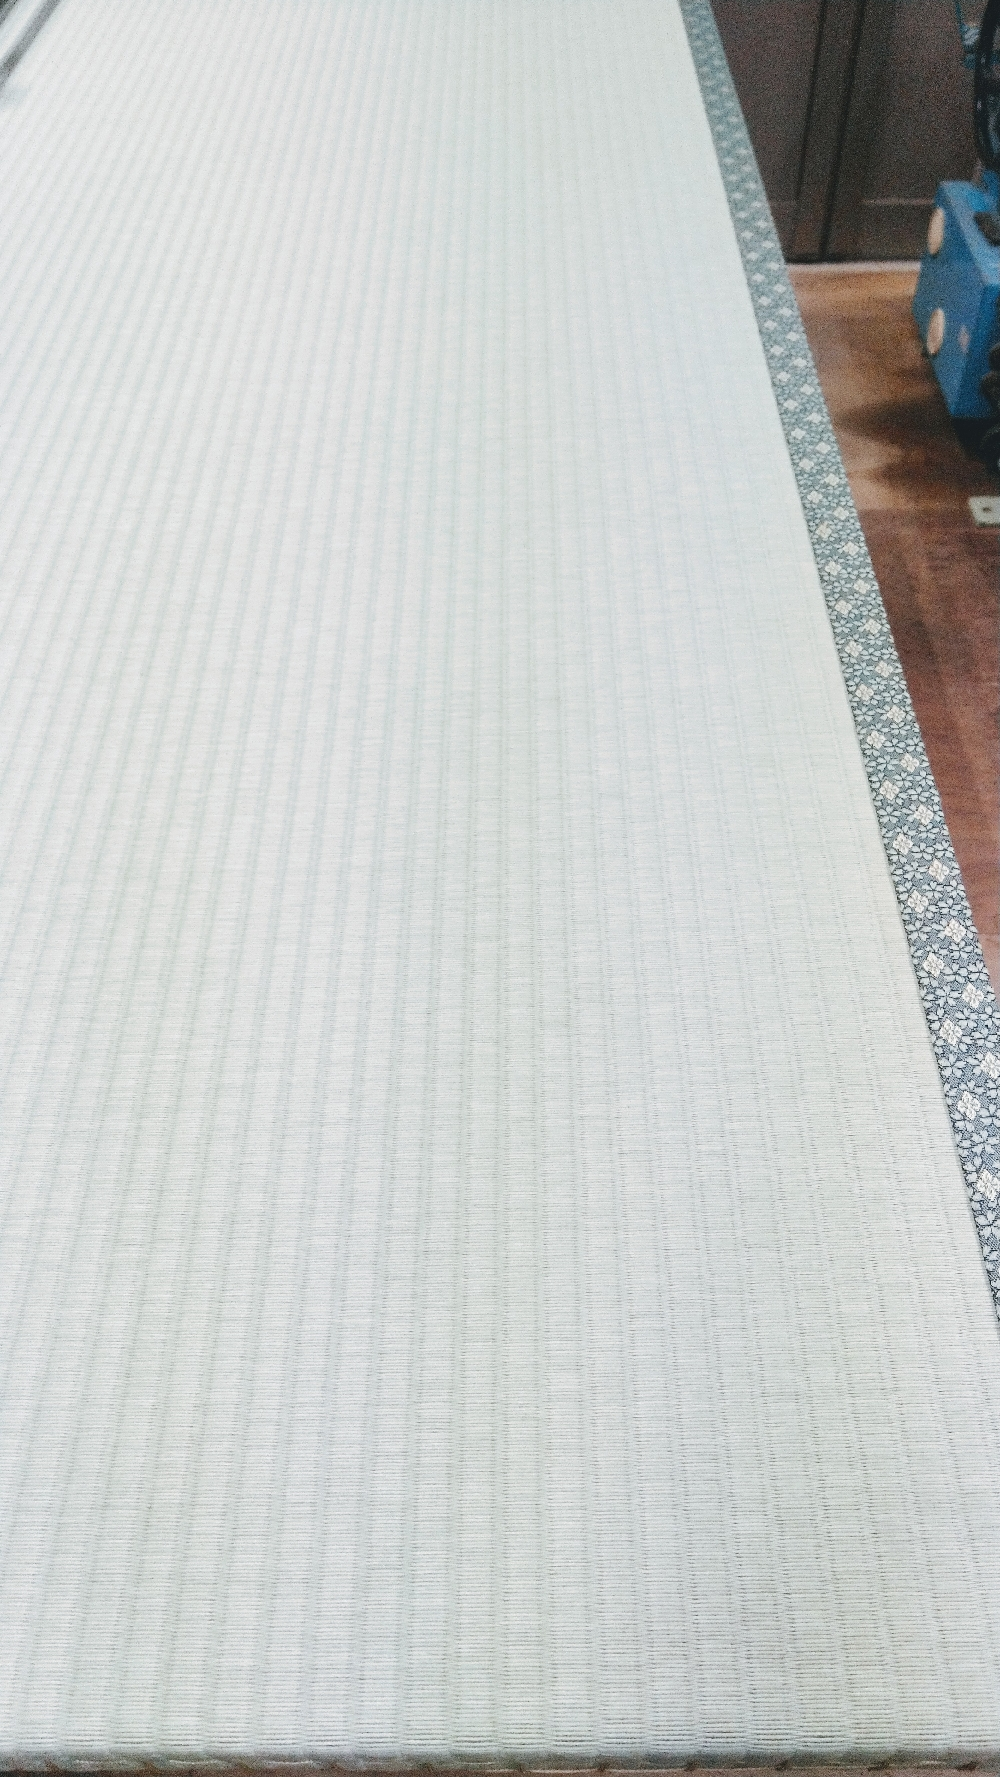 セキスイ美草(樹脂表)グリーン色を使用して新畳作業をしました。